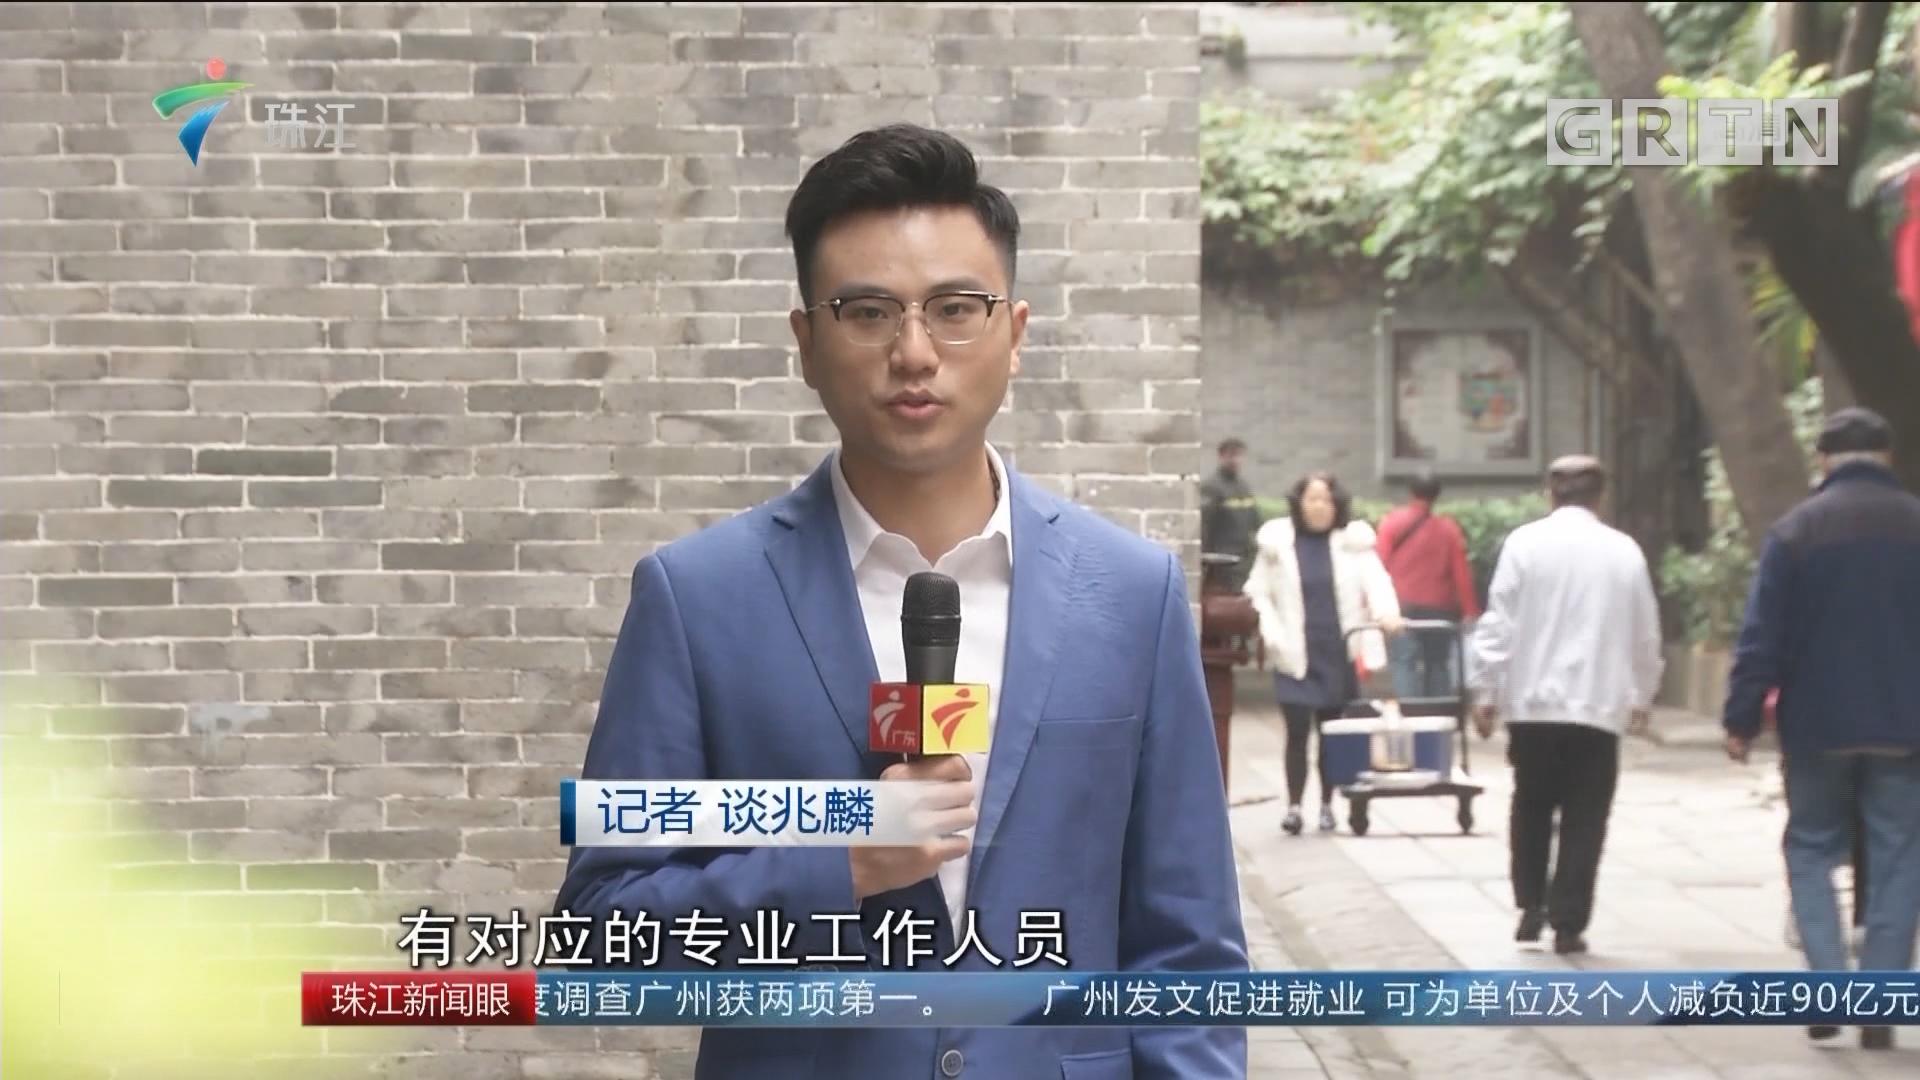 广州:居委将弹性工作 非工作时段可办事